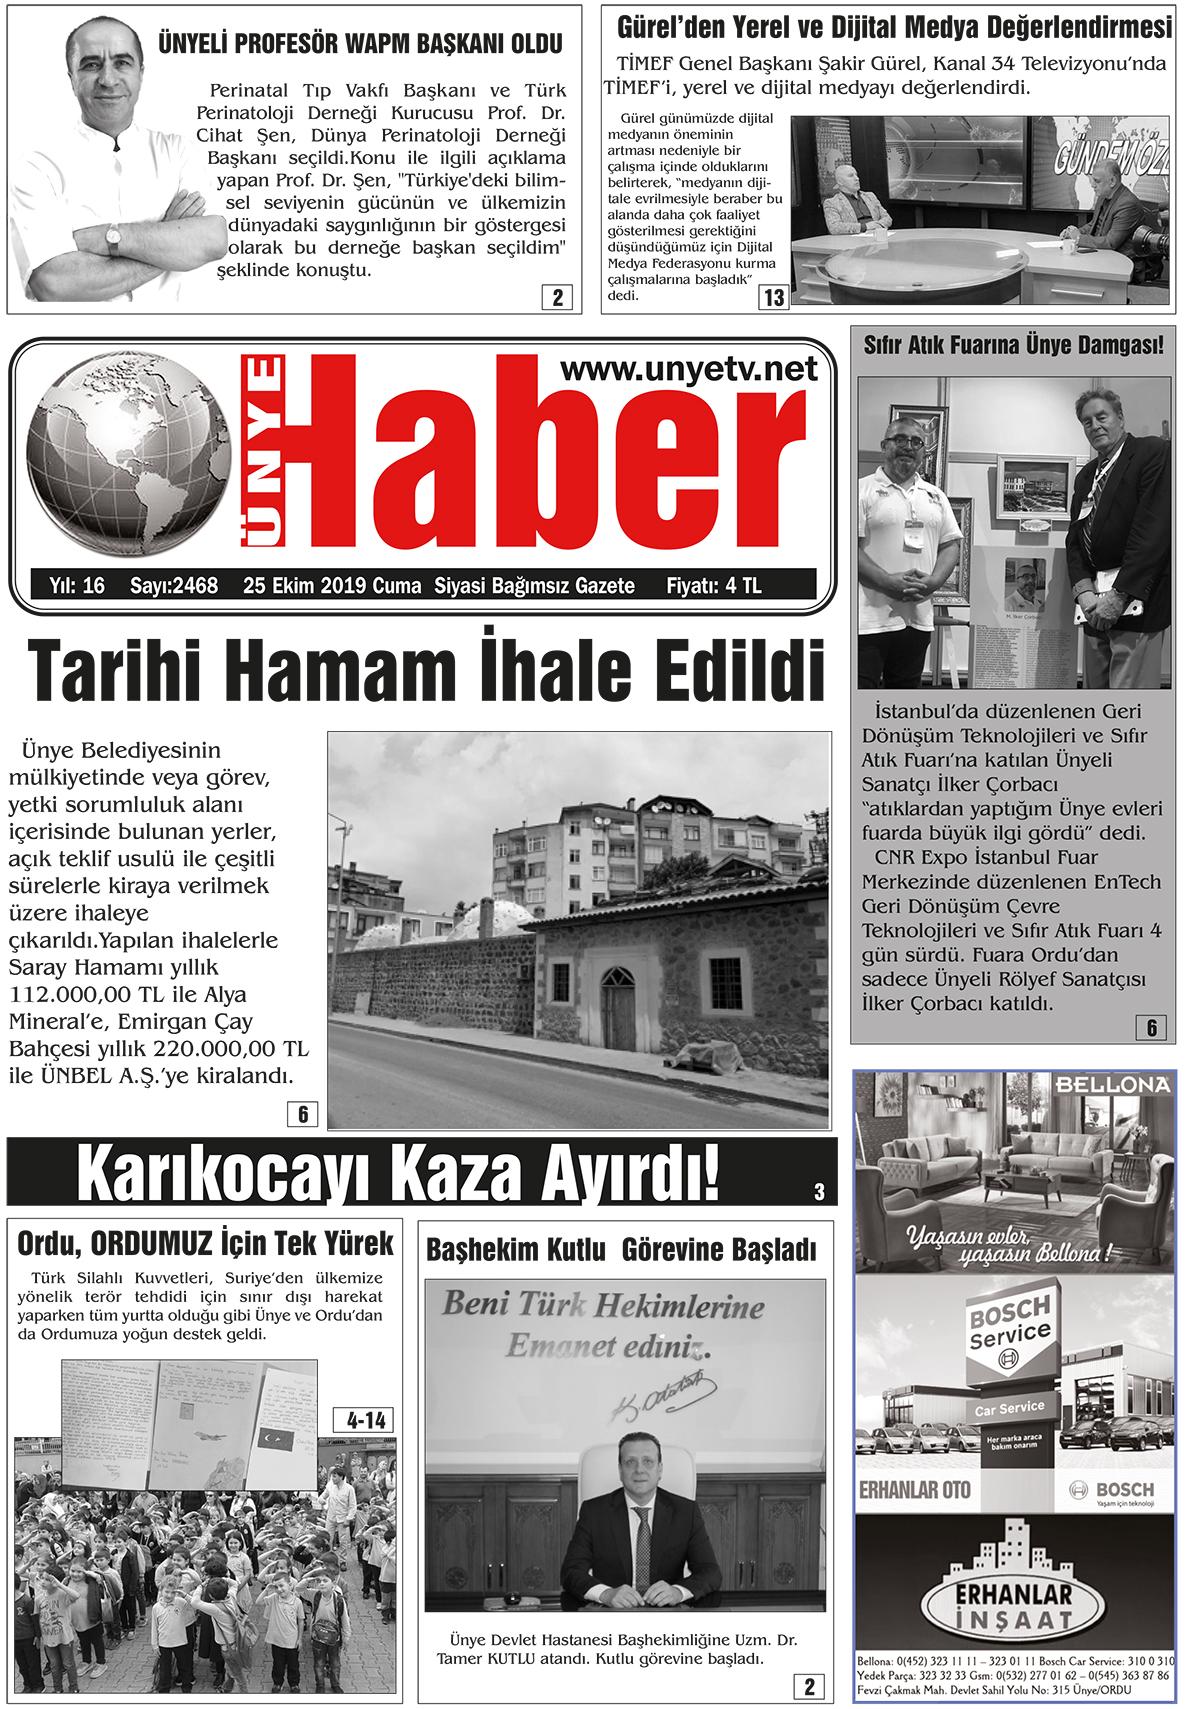 25.10.2019 Ünye Haber Gazetesi 1. Sayfası